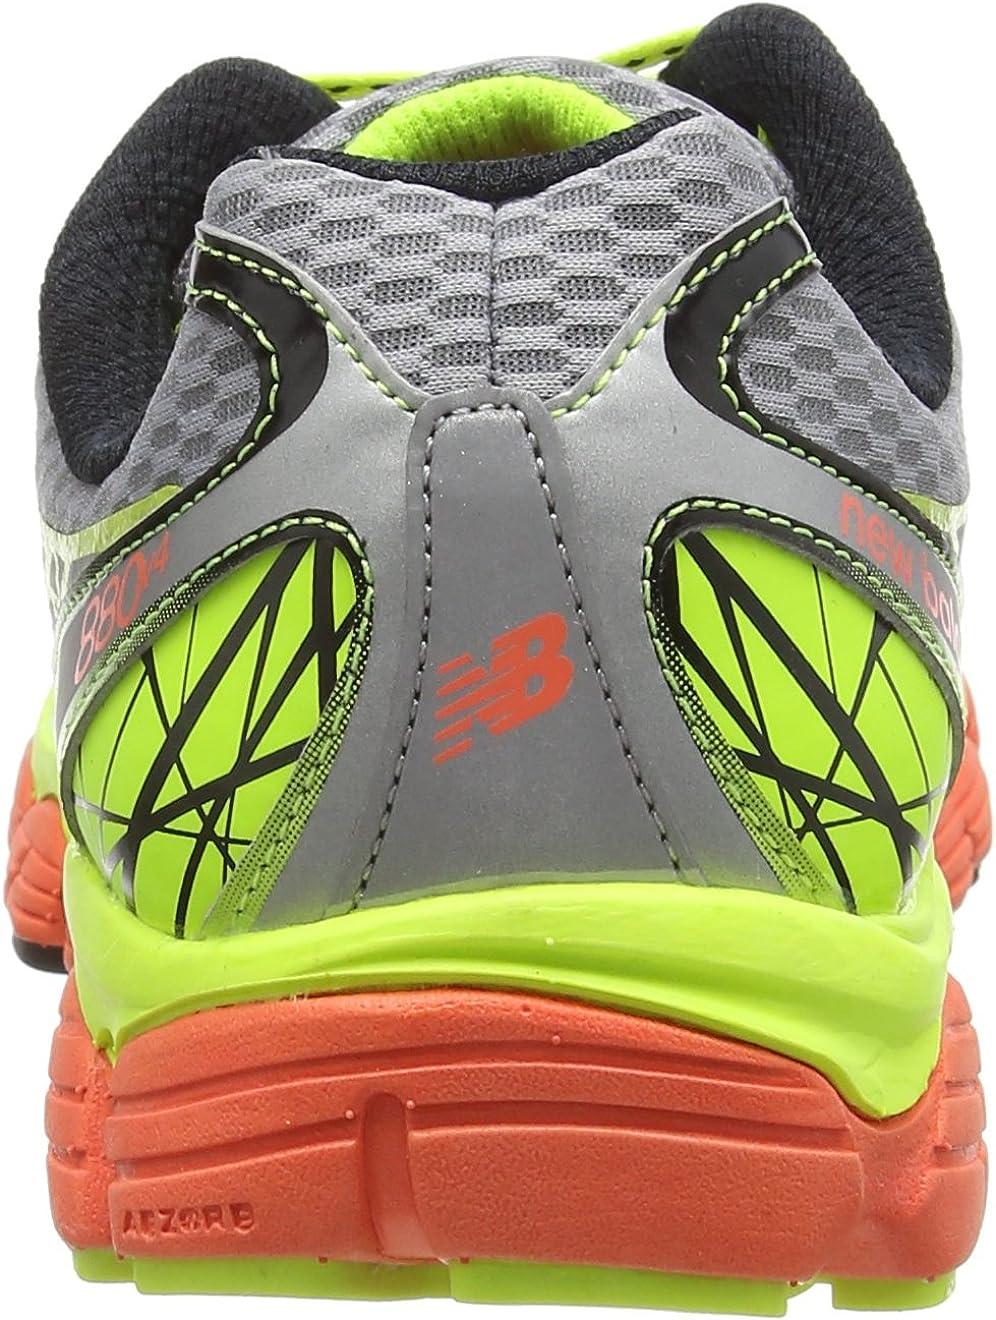 New Balance Men's M880 Running Shoe